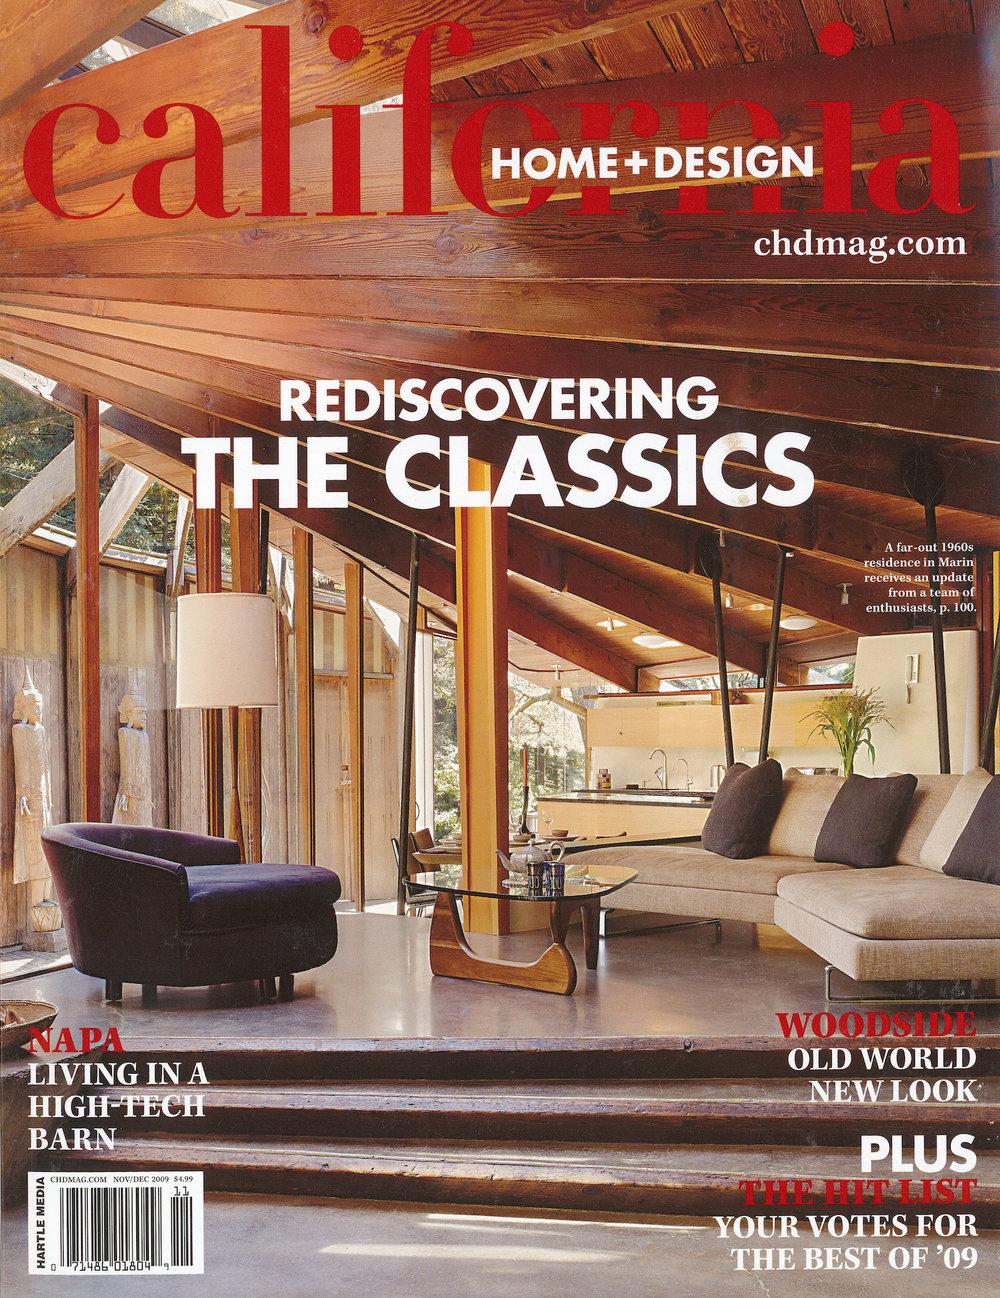 CA Home & Design Cover.jpg